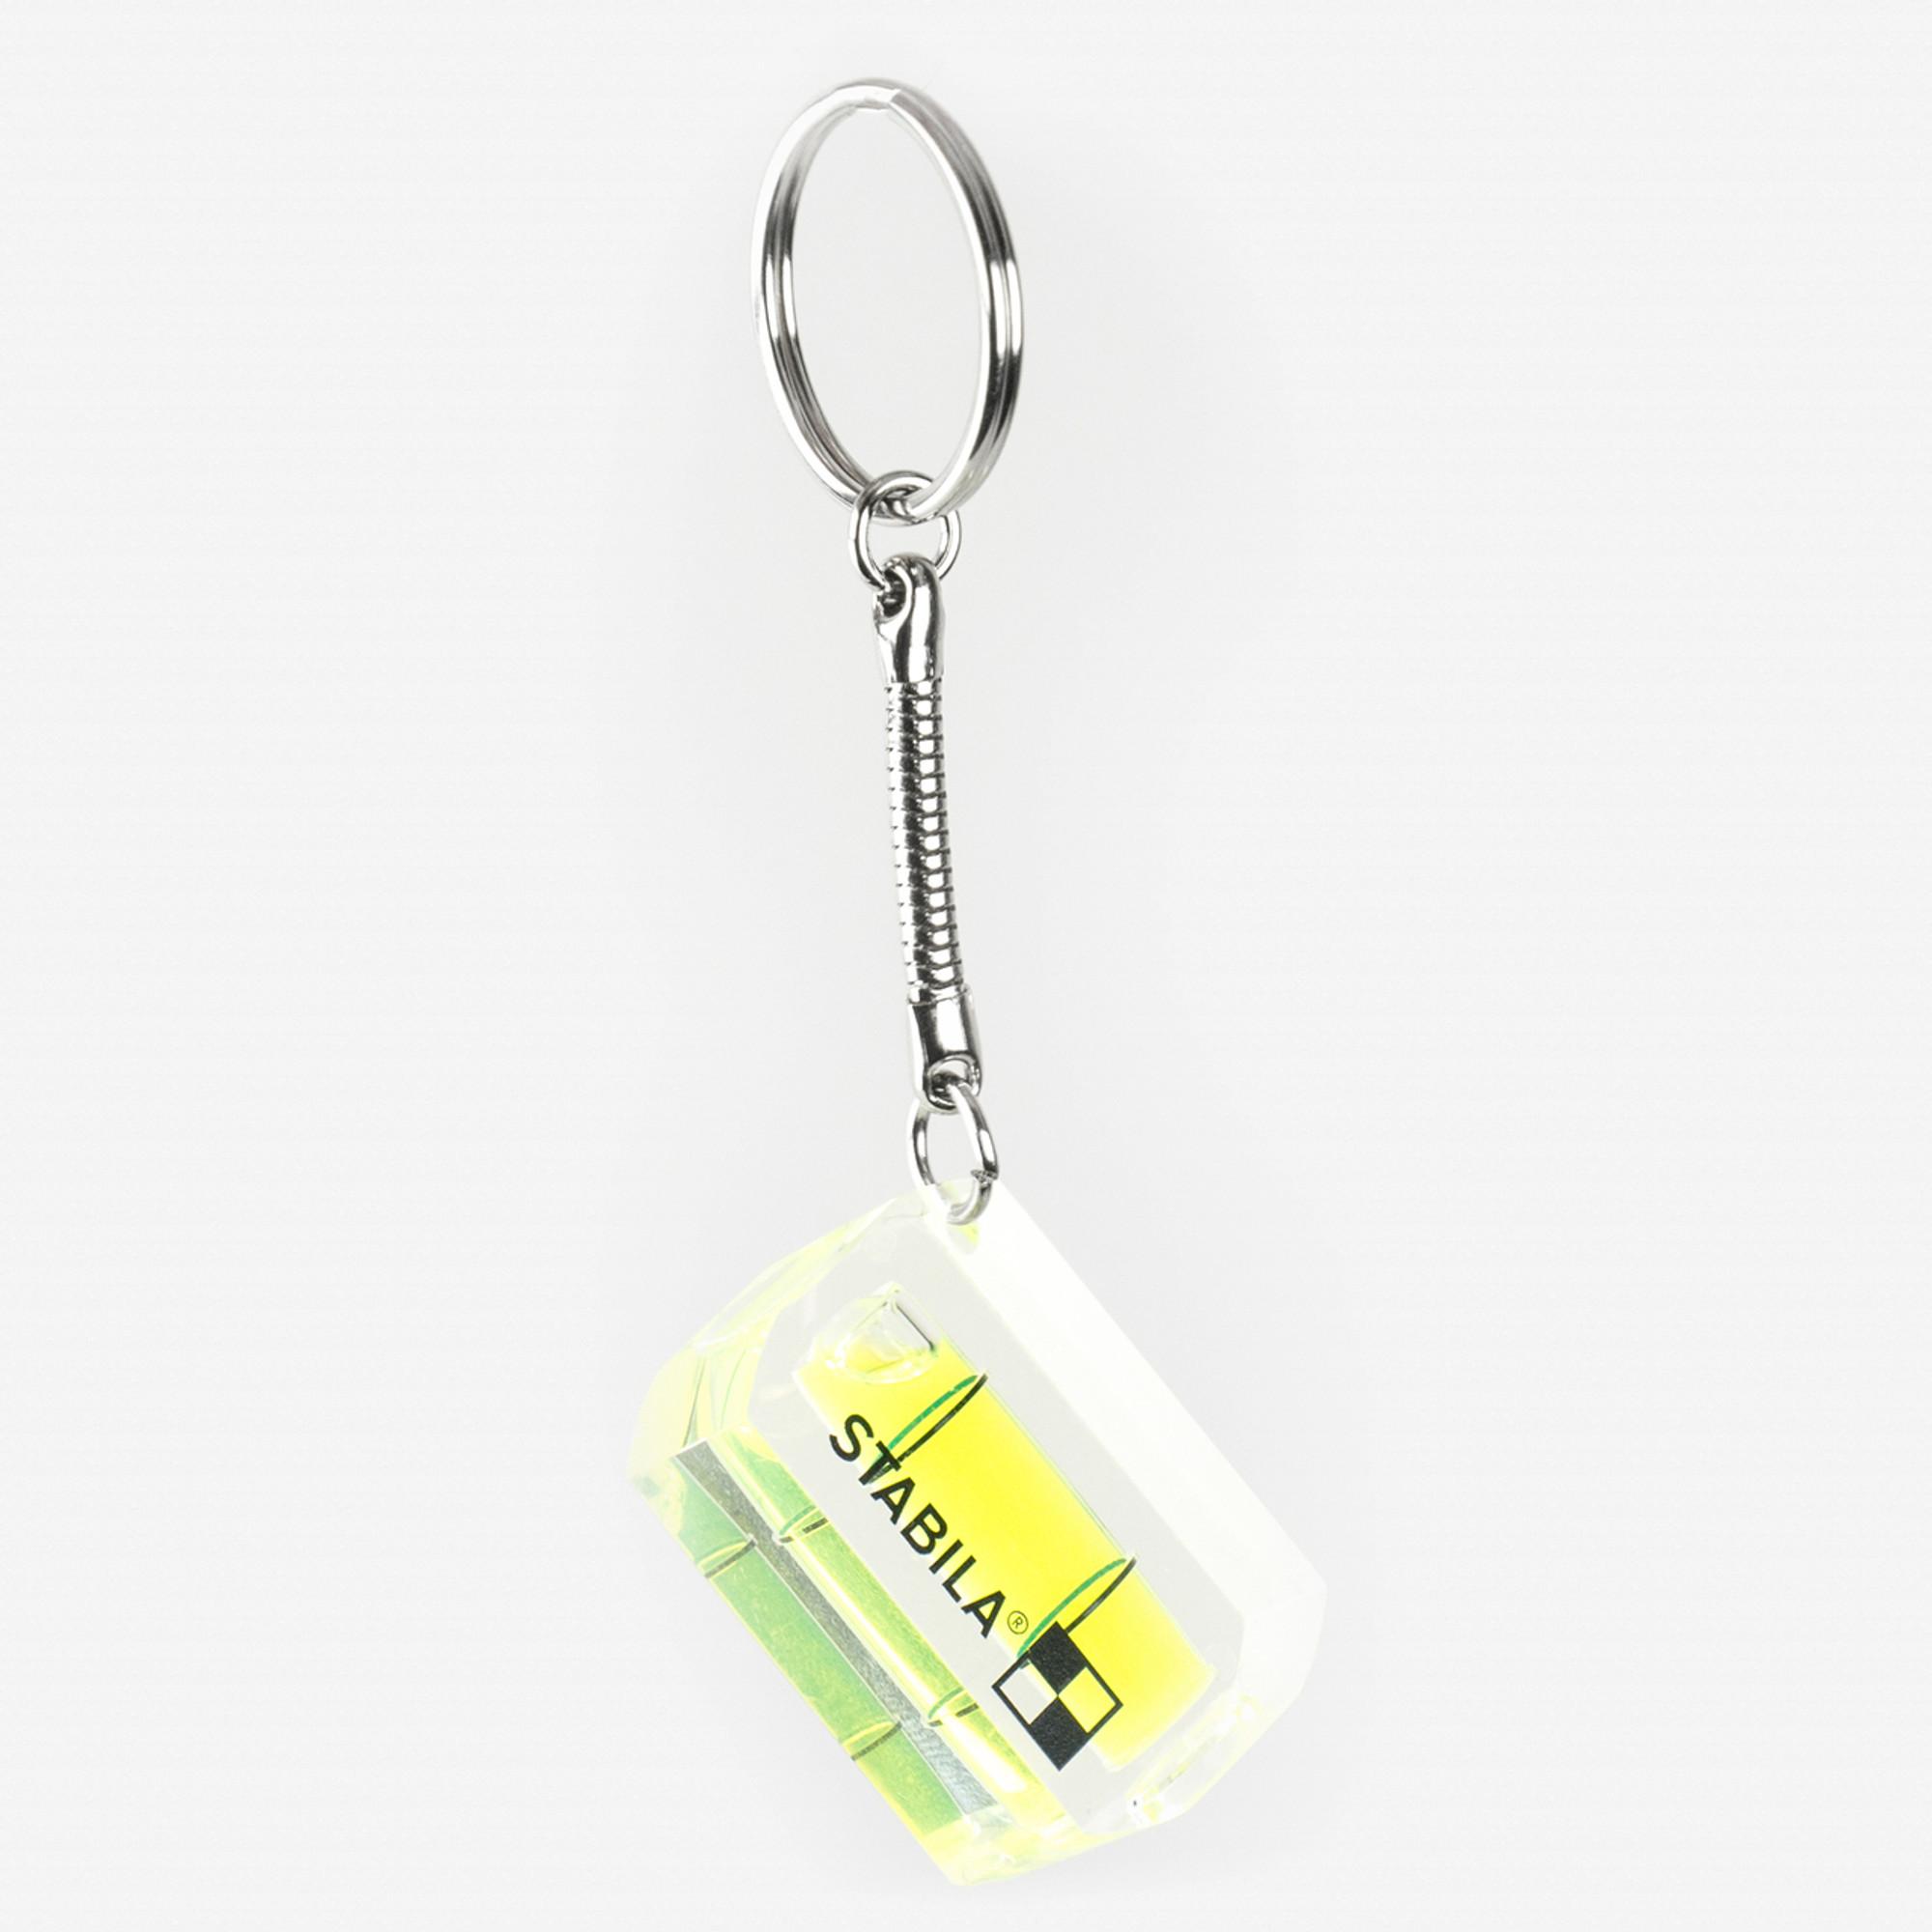 5 x Stabila key ring key chain level spirit level